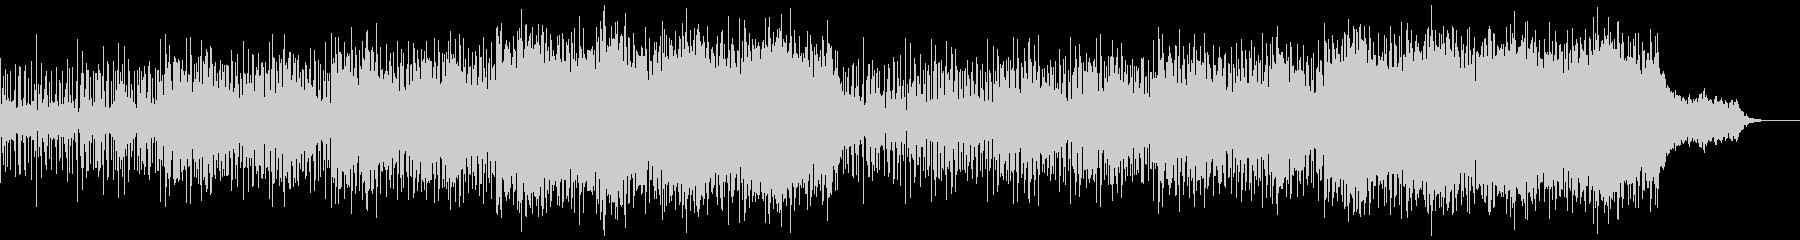 壮大なスケールのシネマティック系の曲の未再生の波形